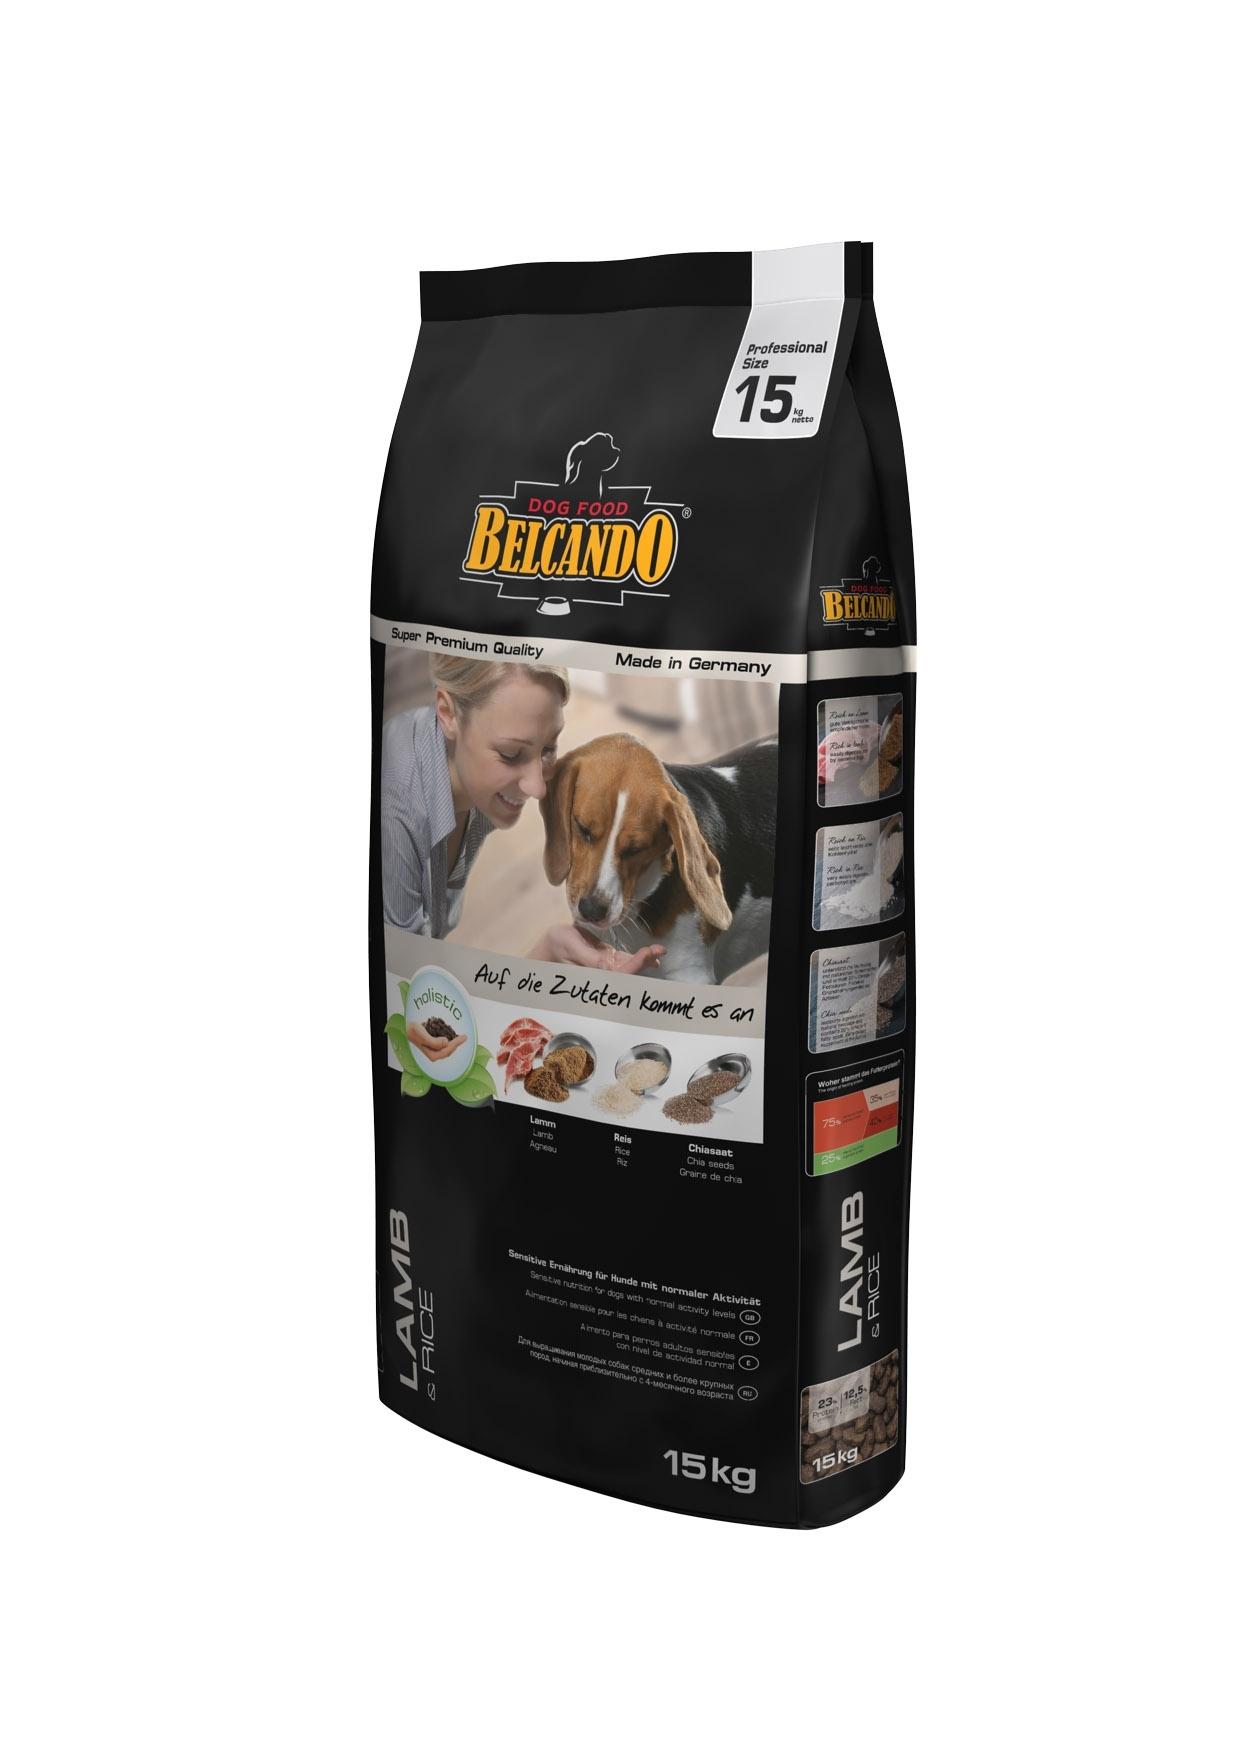 Корм сухой Belcando Lamb Rice, гипоаллергенный, для взрослых собак с нормальной активностью, на основе ягненка, 15 кг26087Особая формула корма Belcando Lamb Rice ориентирована на собак, которые страдают пищевыми расстройствами, а так же индивидуальной непереносимостью таких популярных мясных ингредиентов, как говядина и мясо цыпленка. Ягненок и рис - лучшая основа для гипоаллергенного корма, которая позволяет избежать непереносимости у чувствительных животных, но при этом получить все необходимые питательные вещества, витамины и микроэлементы. Состав: рис (40 %); сухое мясо ягненка (15 %); сухое мясо птицы пониженной зольности (12,5 %); овес; жир домашней птицы; рафинированное растительное масло; вытяжка из виноградной косточки; пивные дрожжи; семена чии (1,5 %); овсяные хлопья; льняное семя; гидролизат печени птицы; поваренная соль; калий хлористый; травы (всего 0,2 %: листья крапивы, корень горечавки, золототысячник, ромашка, фенхель, тмин, омела, тысячелестник, листья ежевики); экстракт юкки. Питательные добавки: Витамин А: 13,000 МЕ/кг, Витамин Е: 130 мг/кг, Витамин D3:...